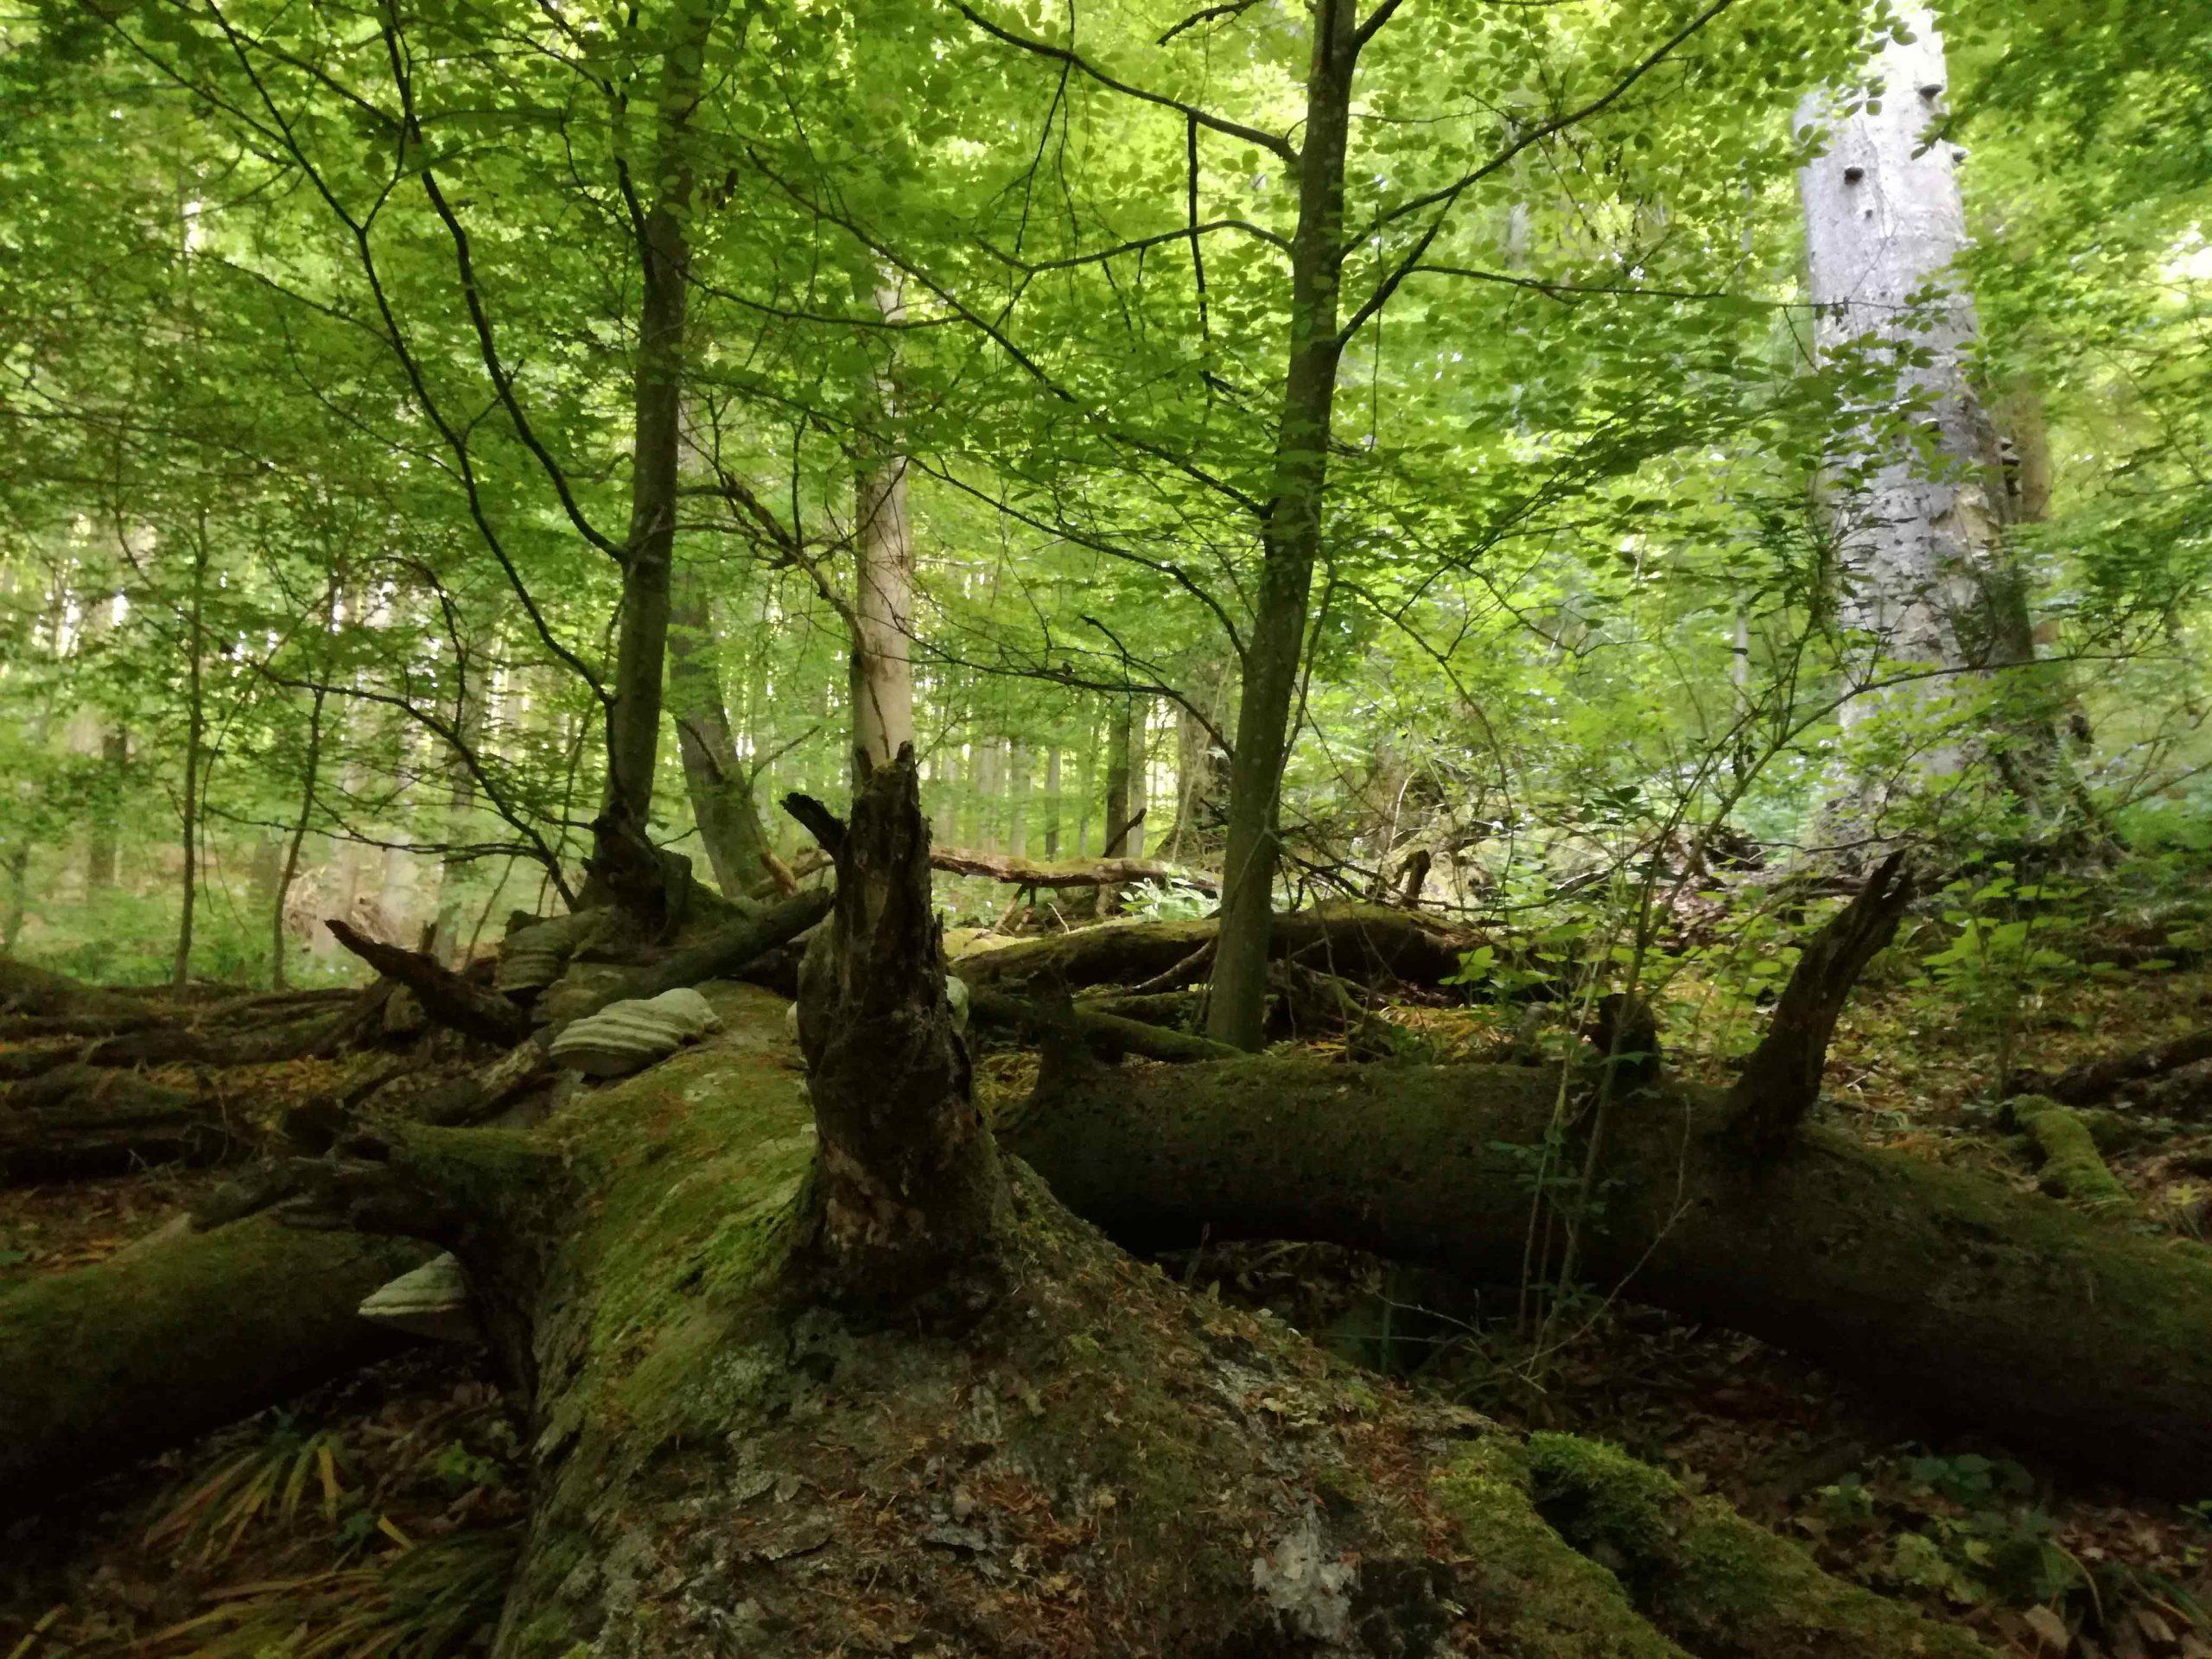 Naturnahe Wälder wie der Urwald Dobra sind Hotspots der Biodiversität. Fotocredit: Irmgard Greilhuber